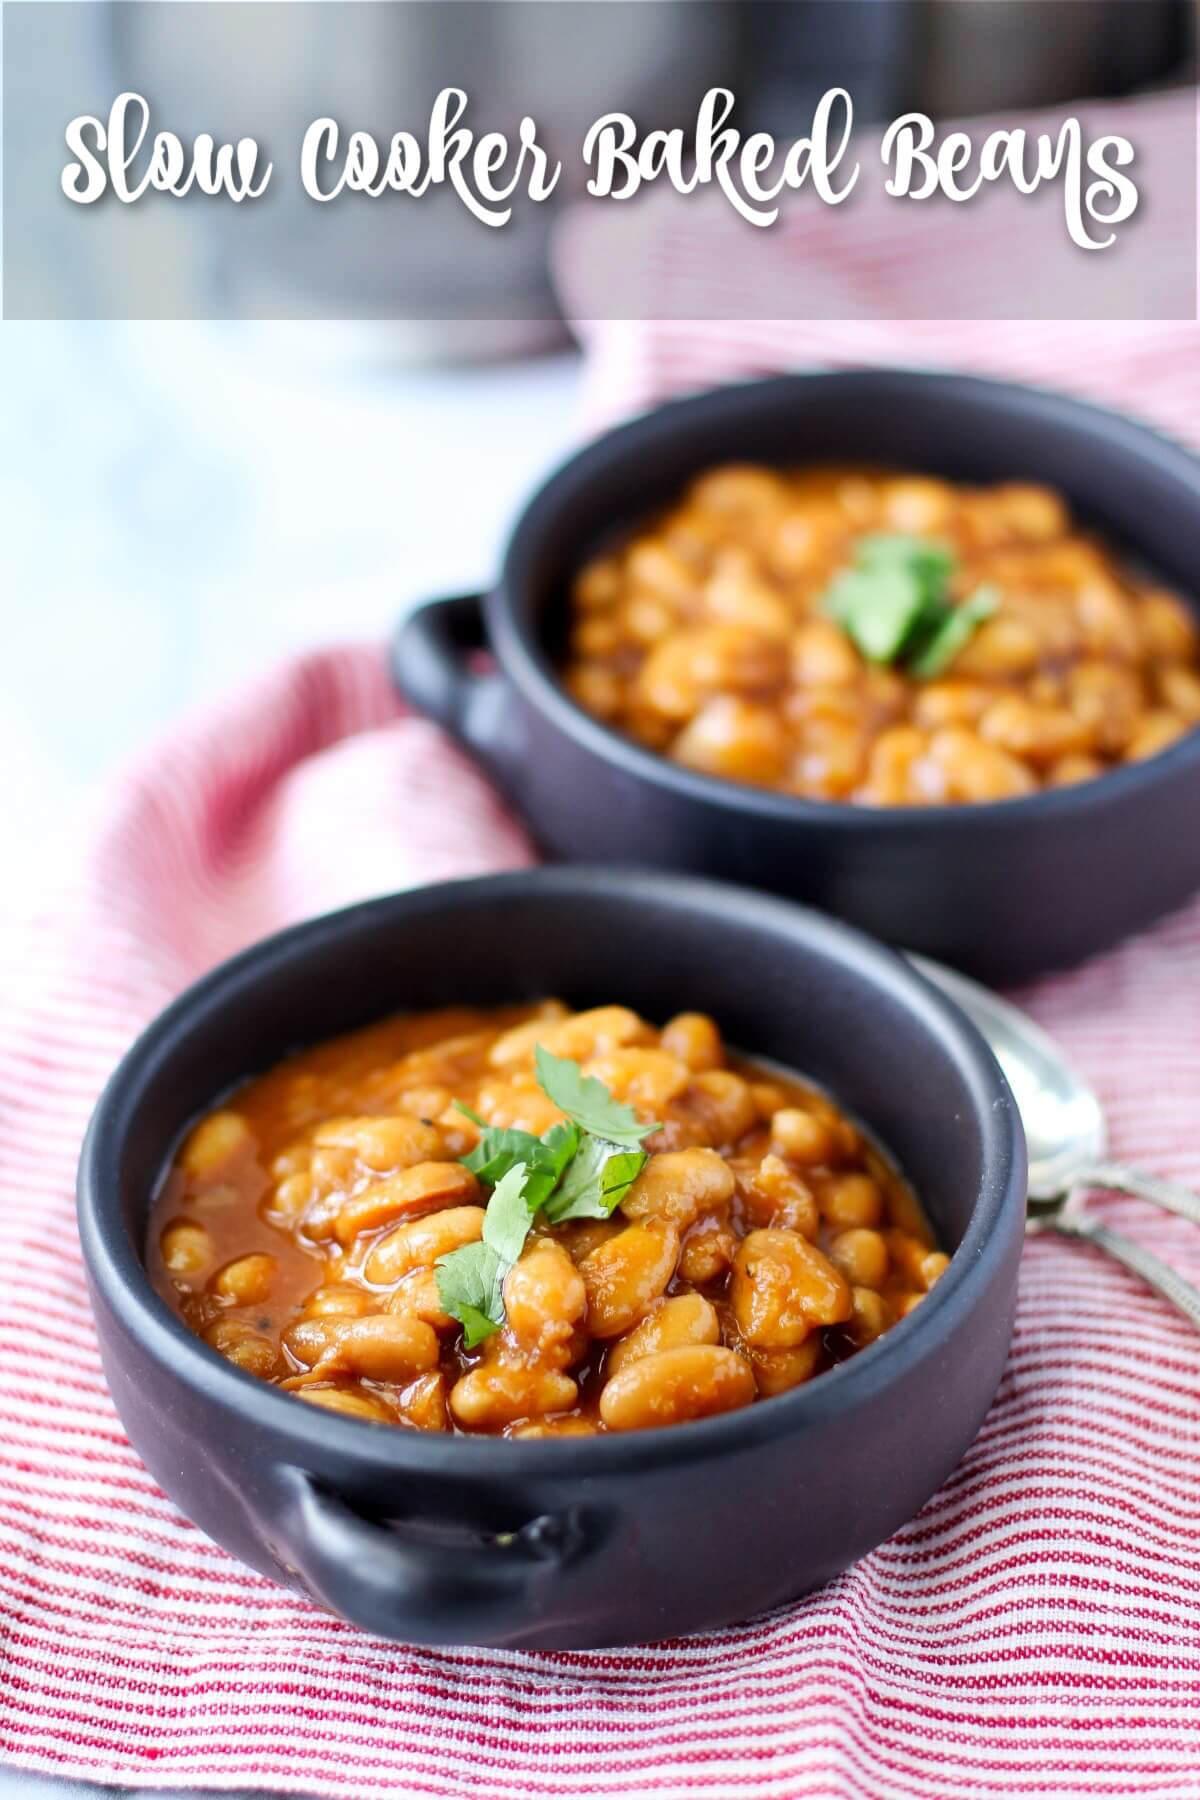 Crock Pot Baked Beans from Scratch